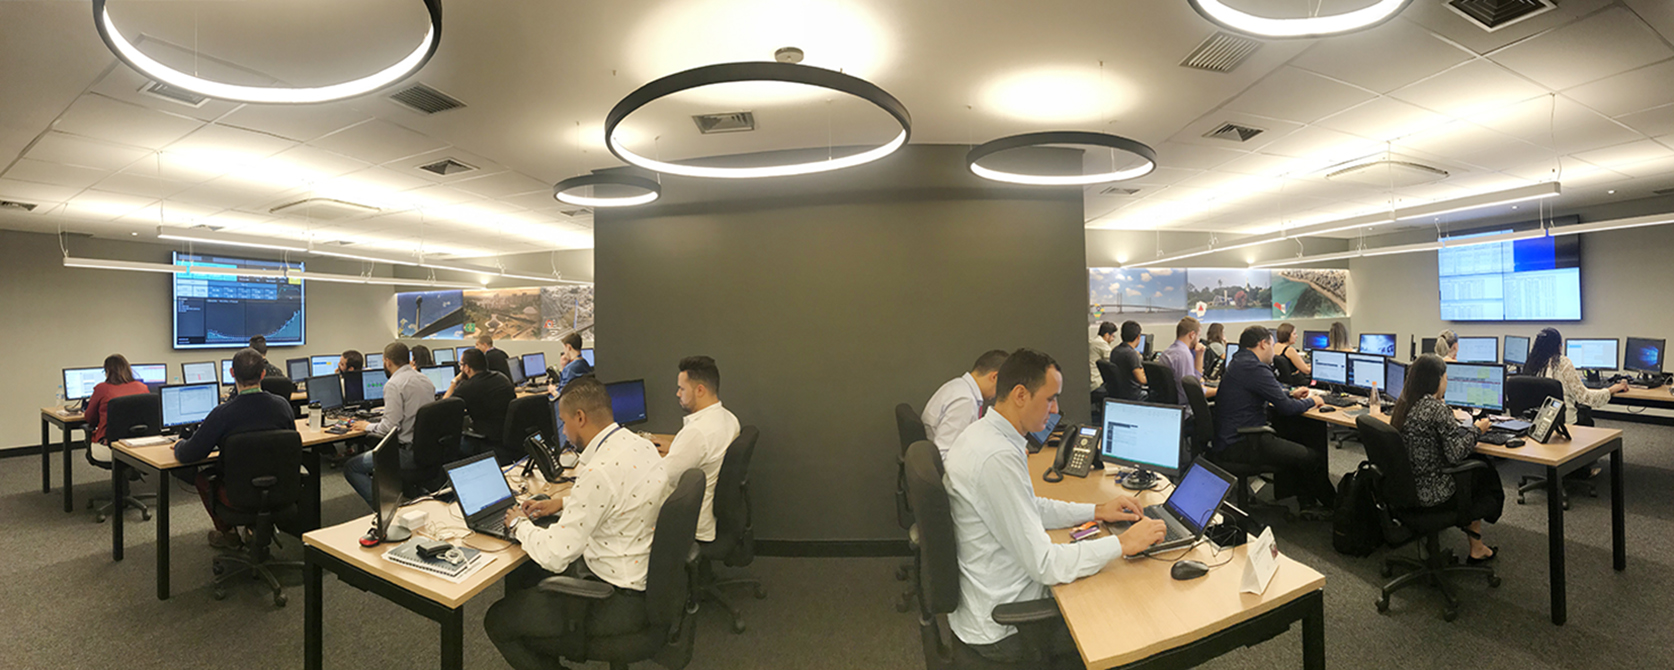 AlmavivA do Brasil inaugura central de monitoramento de serviços em tempo real